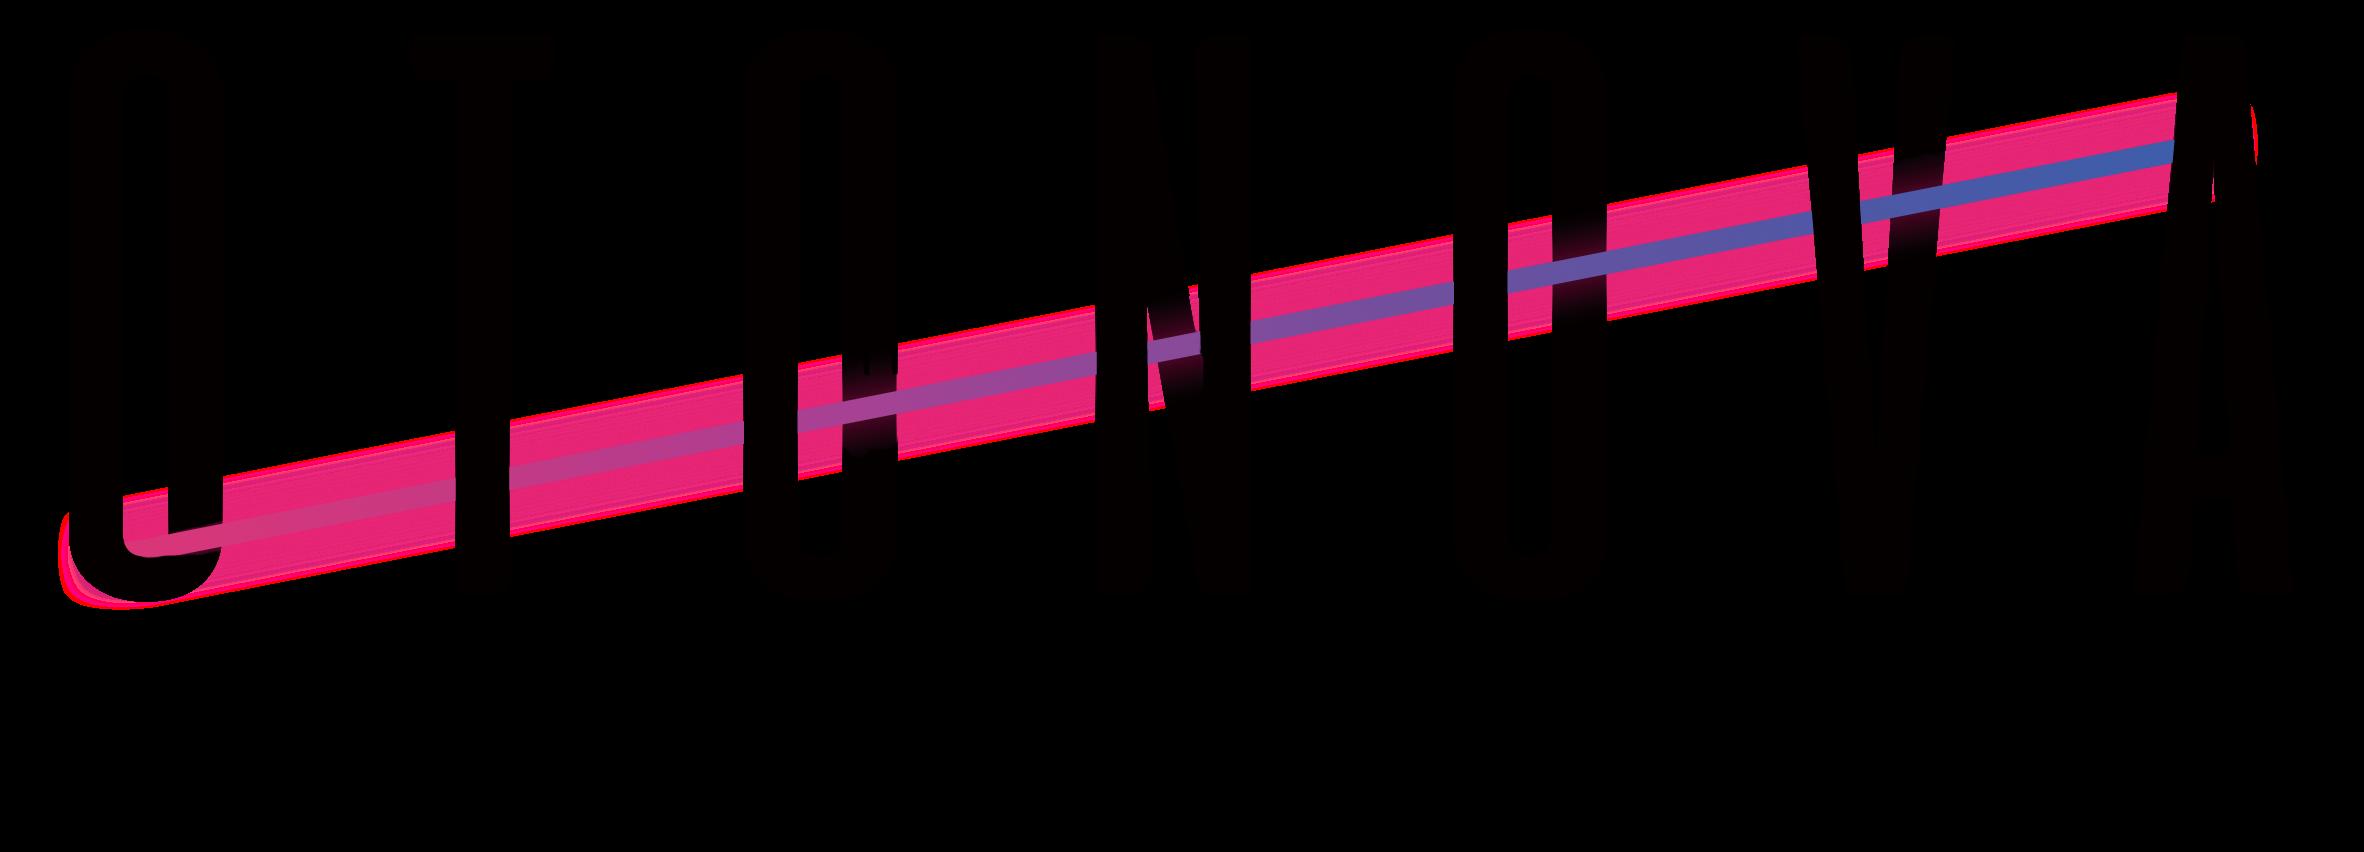 オーディション OTONOVA ONLINE 参加者募集 オンライン参加型の歌・ダンスフェス開催! 優勝賞金総額150万円 主催:株式会社ベネフィット・ワン OTONOVA実行委員会、カテゴリ:アーティスト